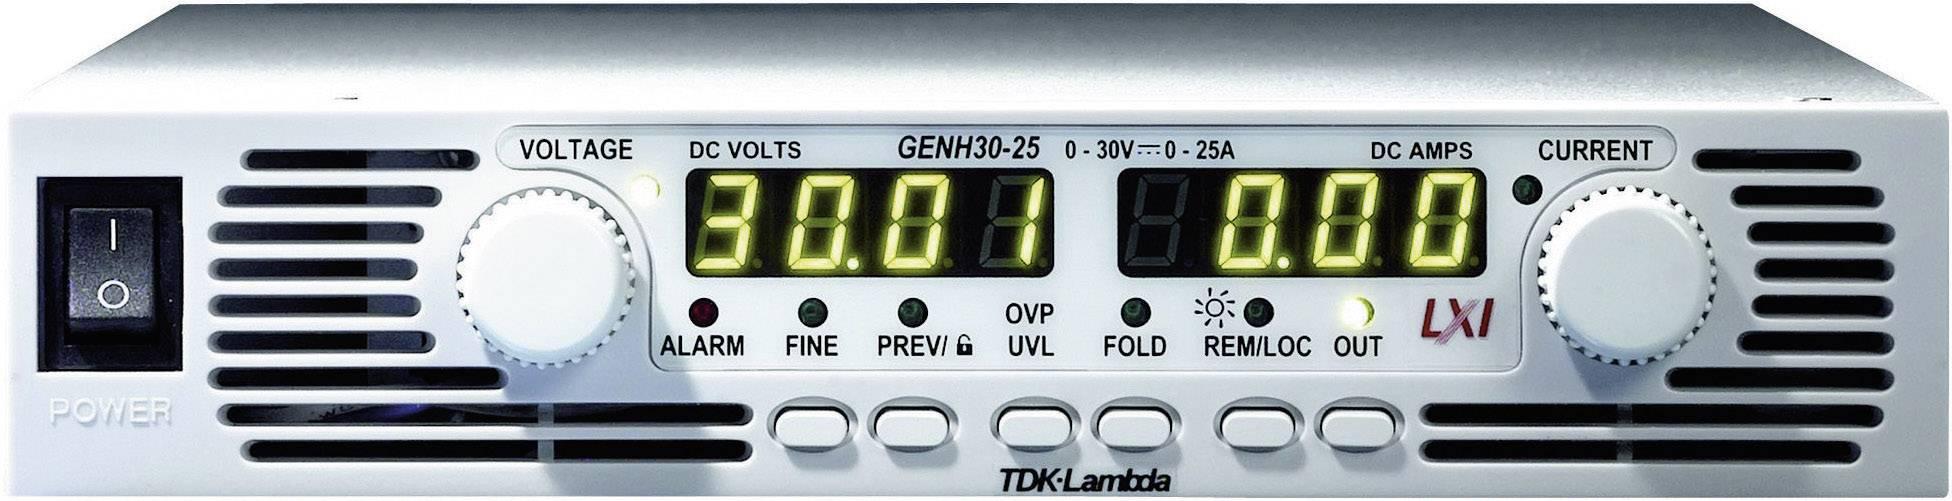 "19"" laboratórny zdroj s nastaviteľným napätím TDK-Lambda GENH-20-38/LN, 0 - 20 V/DC, 0 - 38 A"